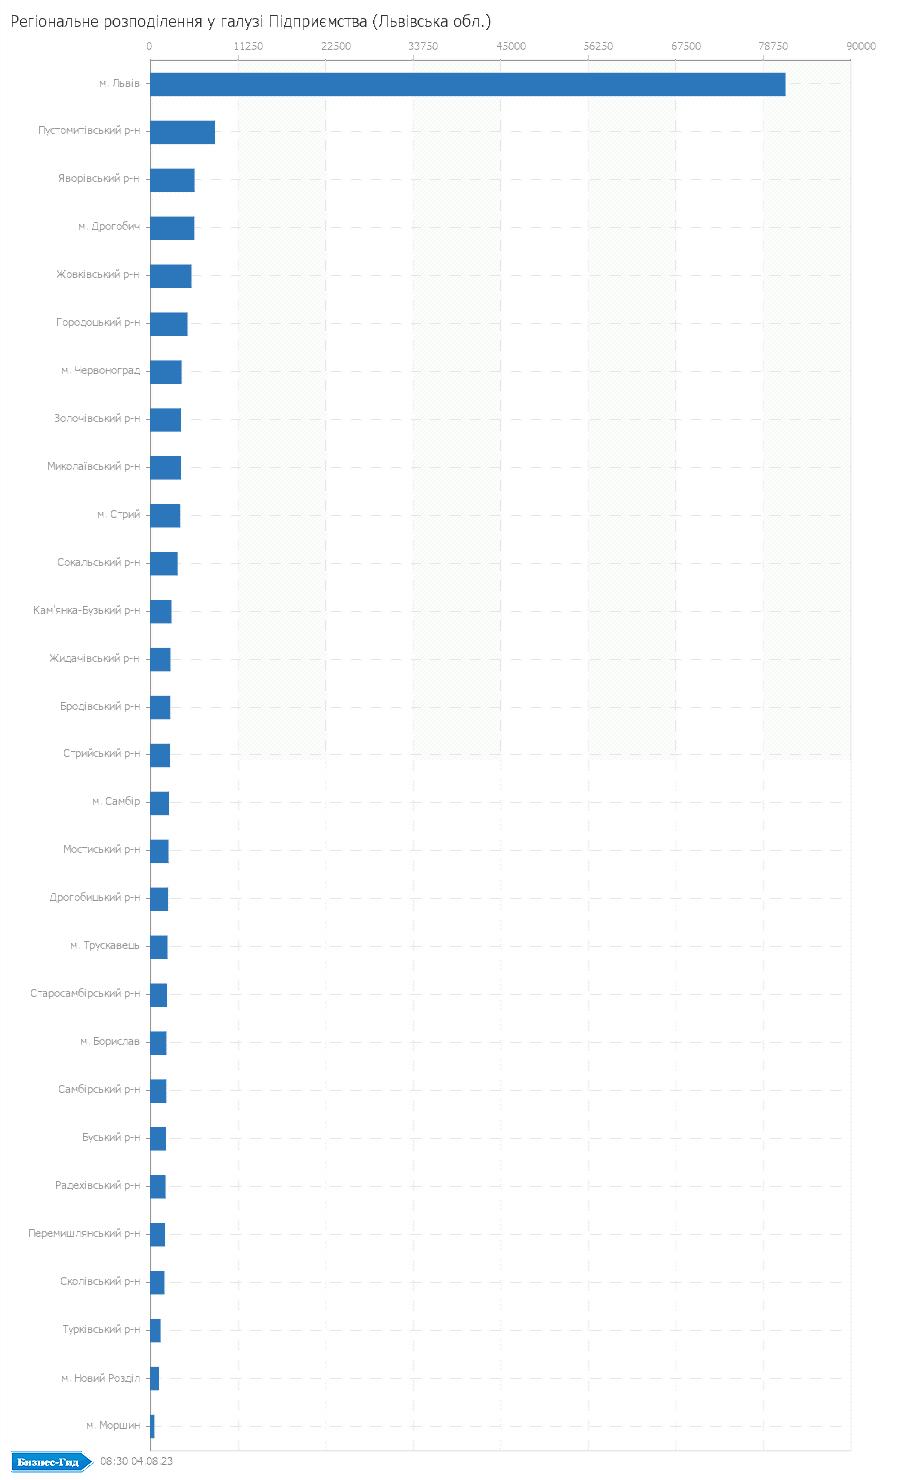 Регіональне розподілення у галузі: Підприємства (Львівська обл.)